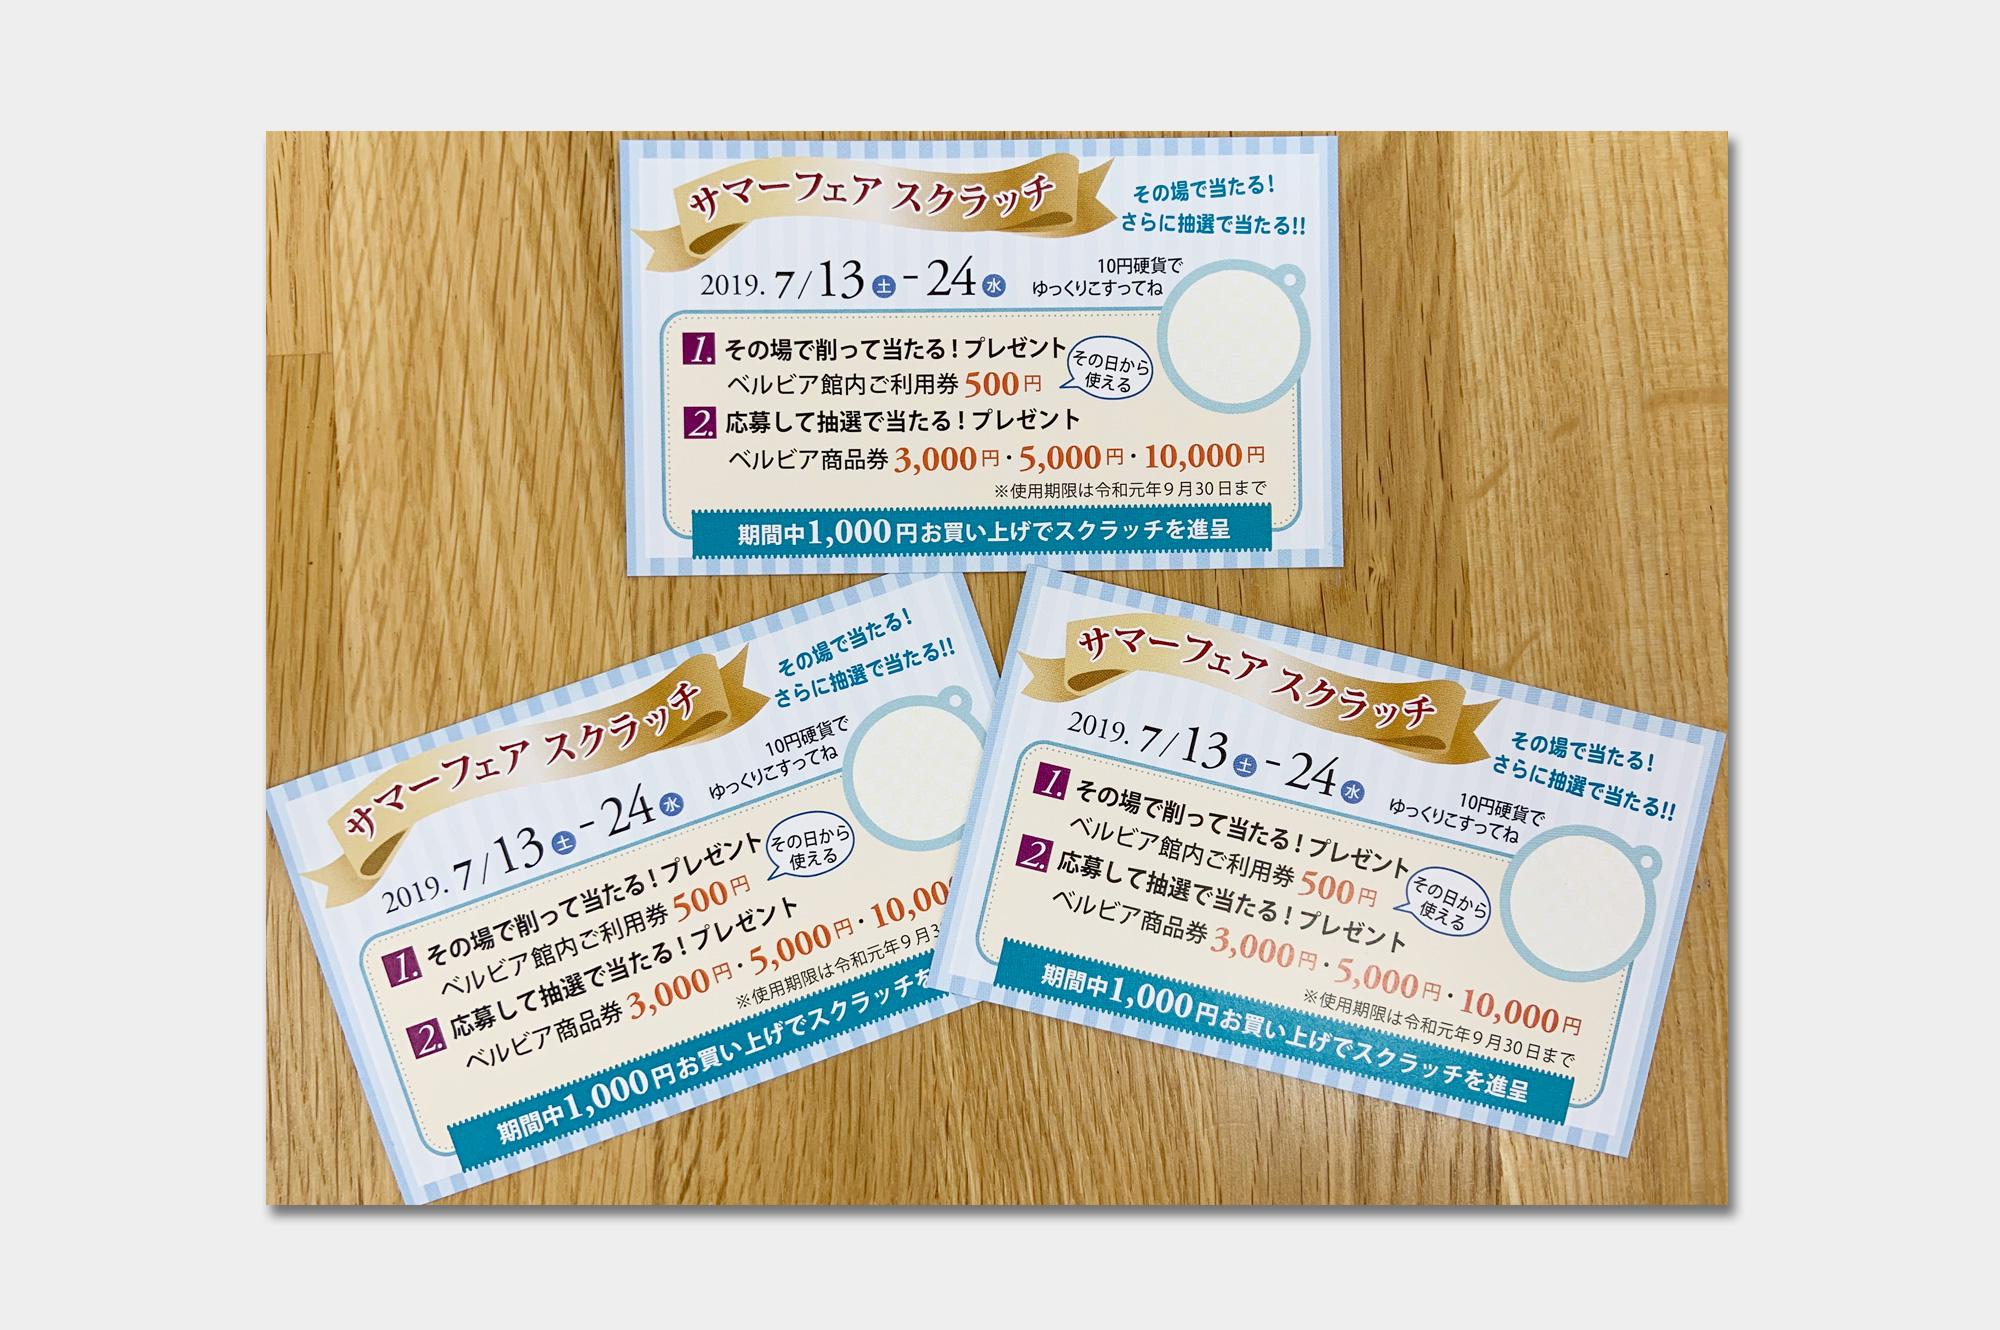 スクラッチカード(ベルビア名店会様)